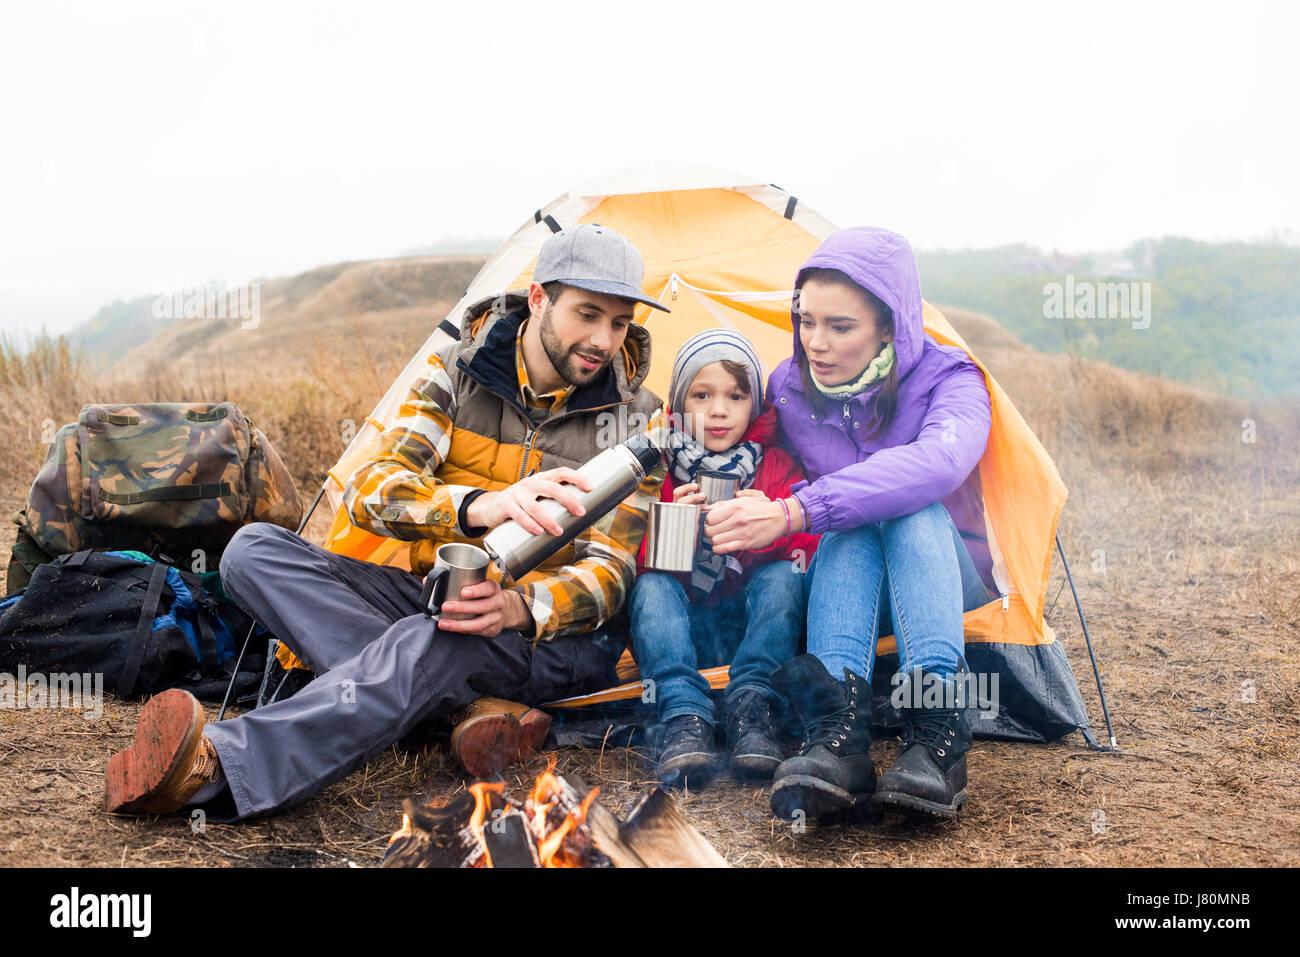 Familie mit einem Kind in der Nähe von Zelt sitzen und trinken heißen Tee aus der Thermoskanne beim Ausruhen in Stockfoto